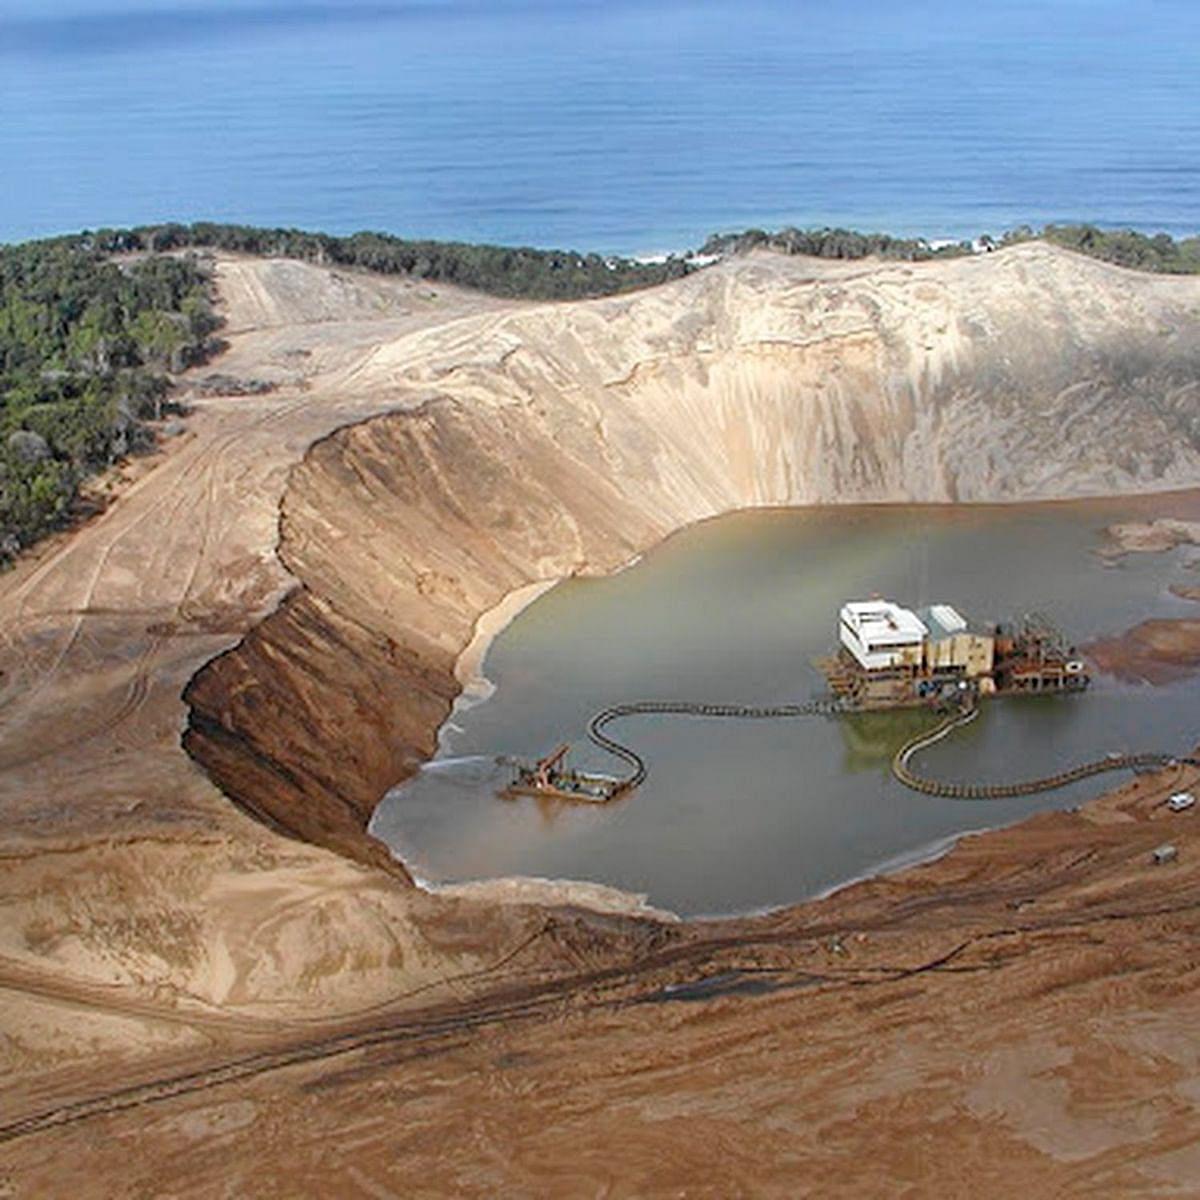 Rio Tinto Resumes Operations at Richards Bay Minerals